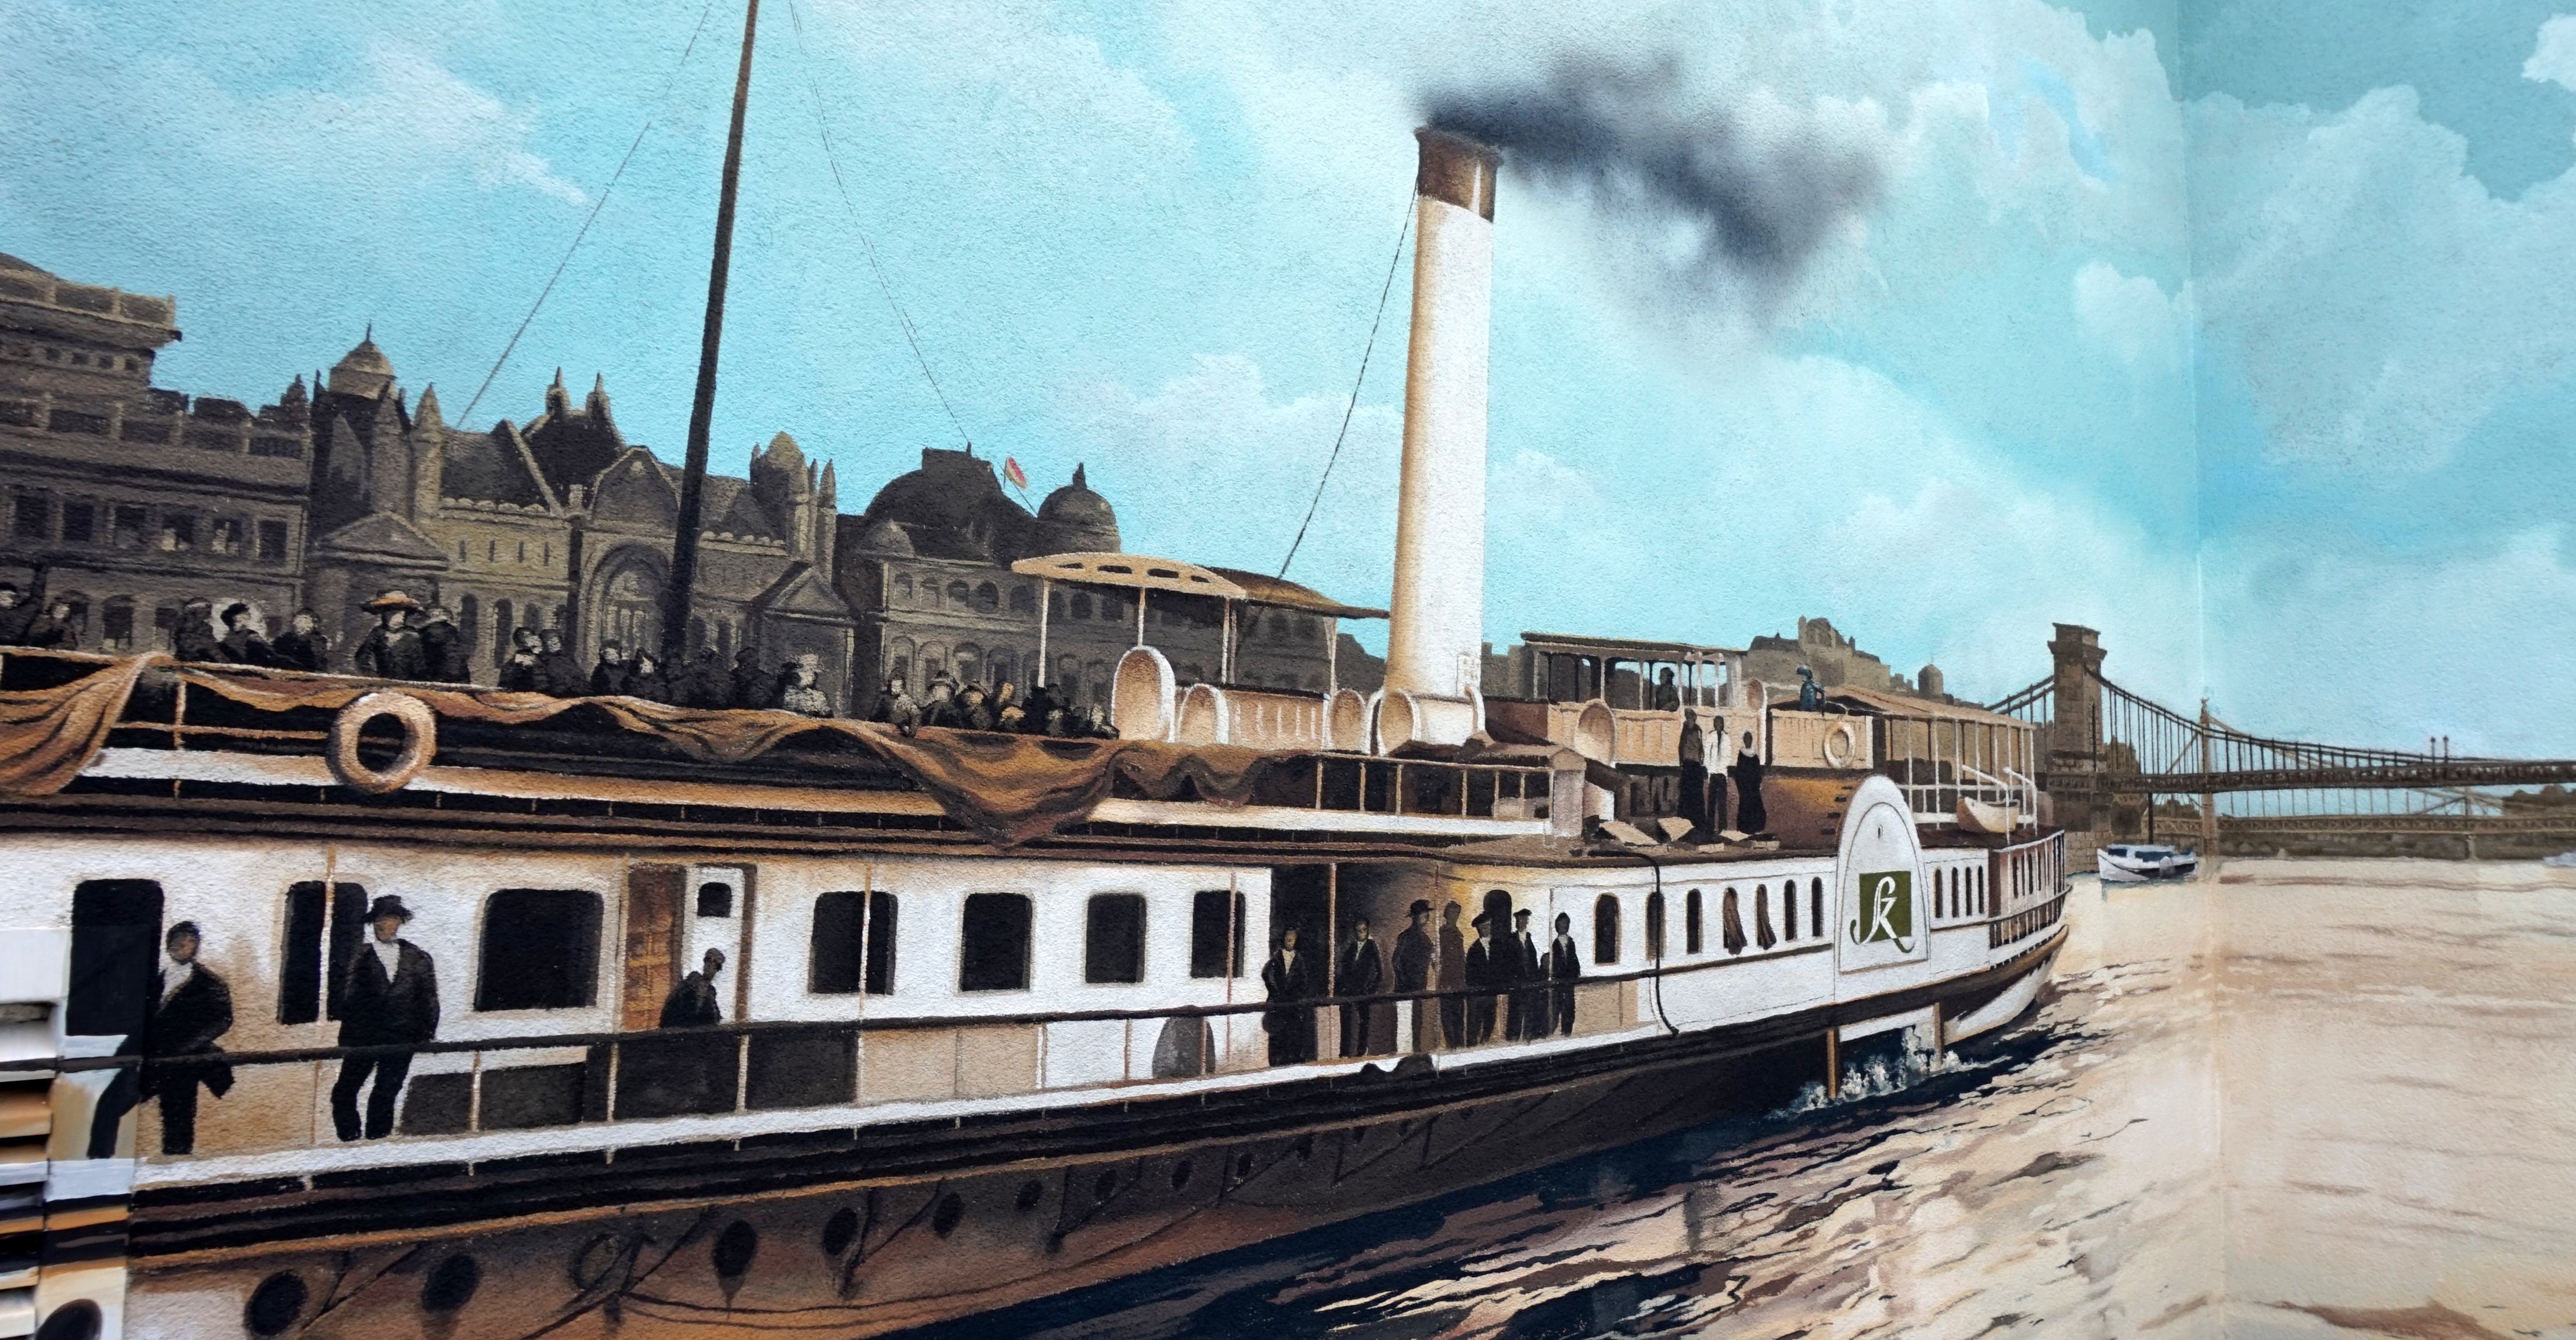 régi duna hajó falfestmény - neopaint works